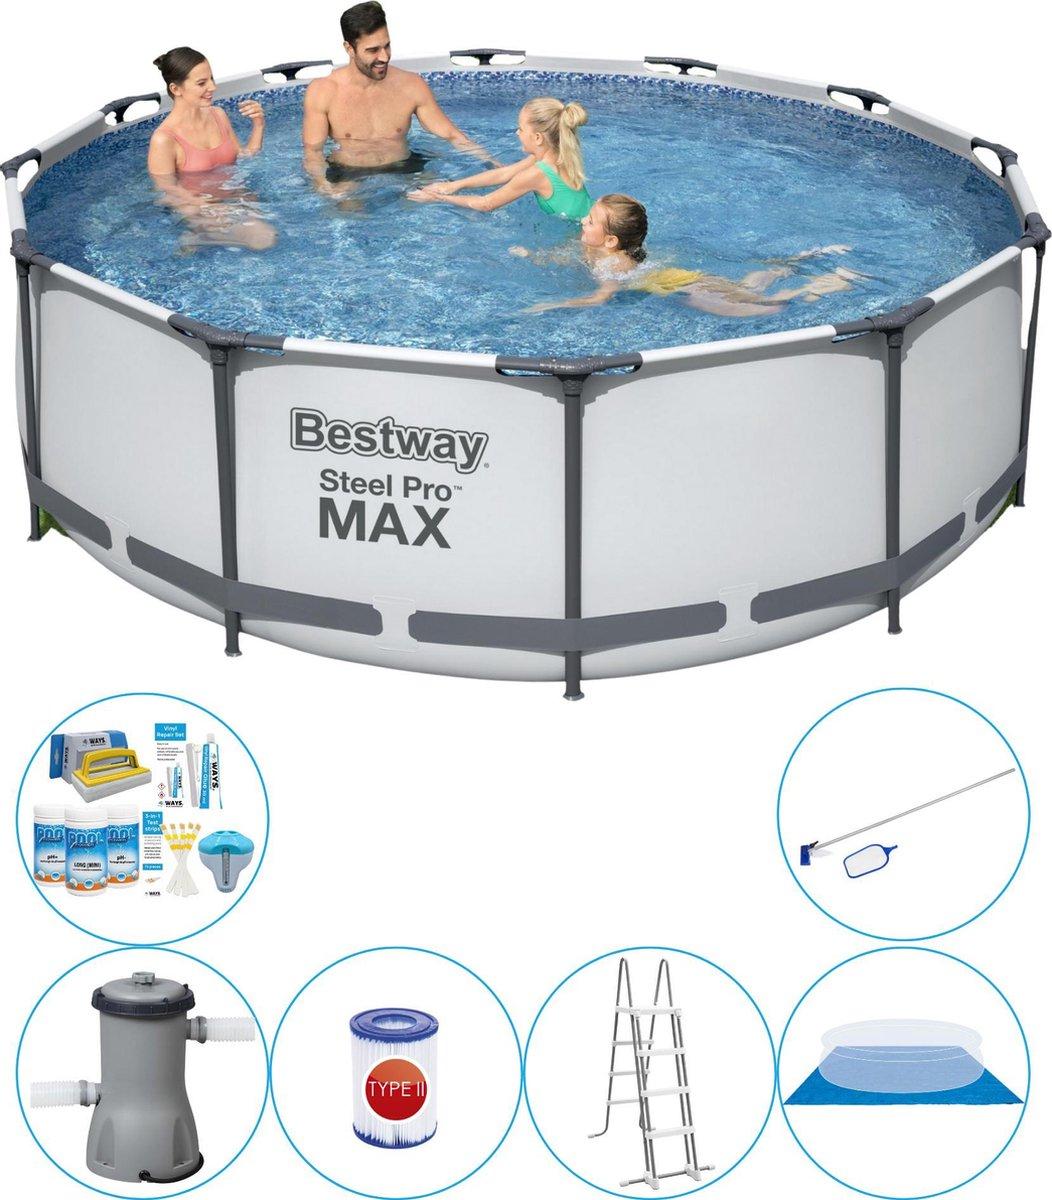 Bestway Steel Pro MAX Rond 366x100 cm - 7-delig - Zwembad Pakket